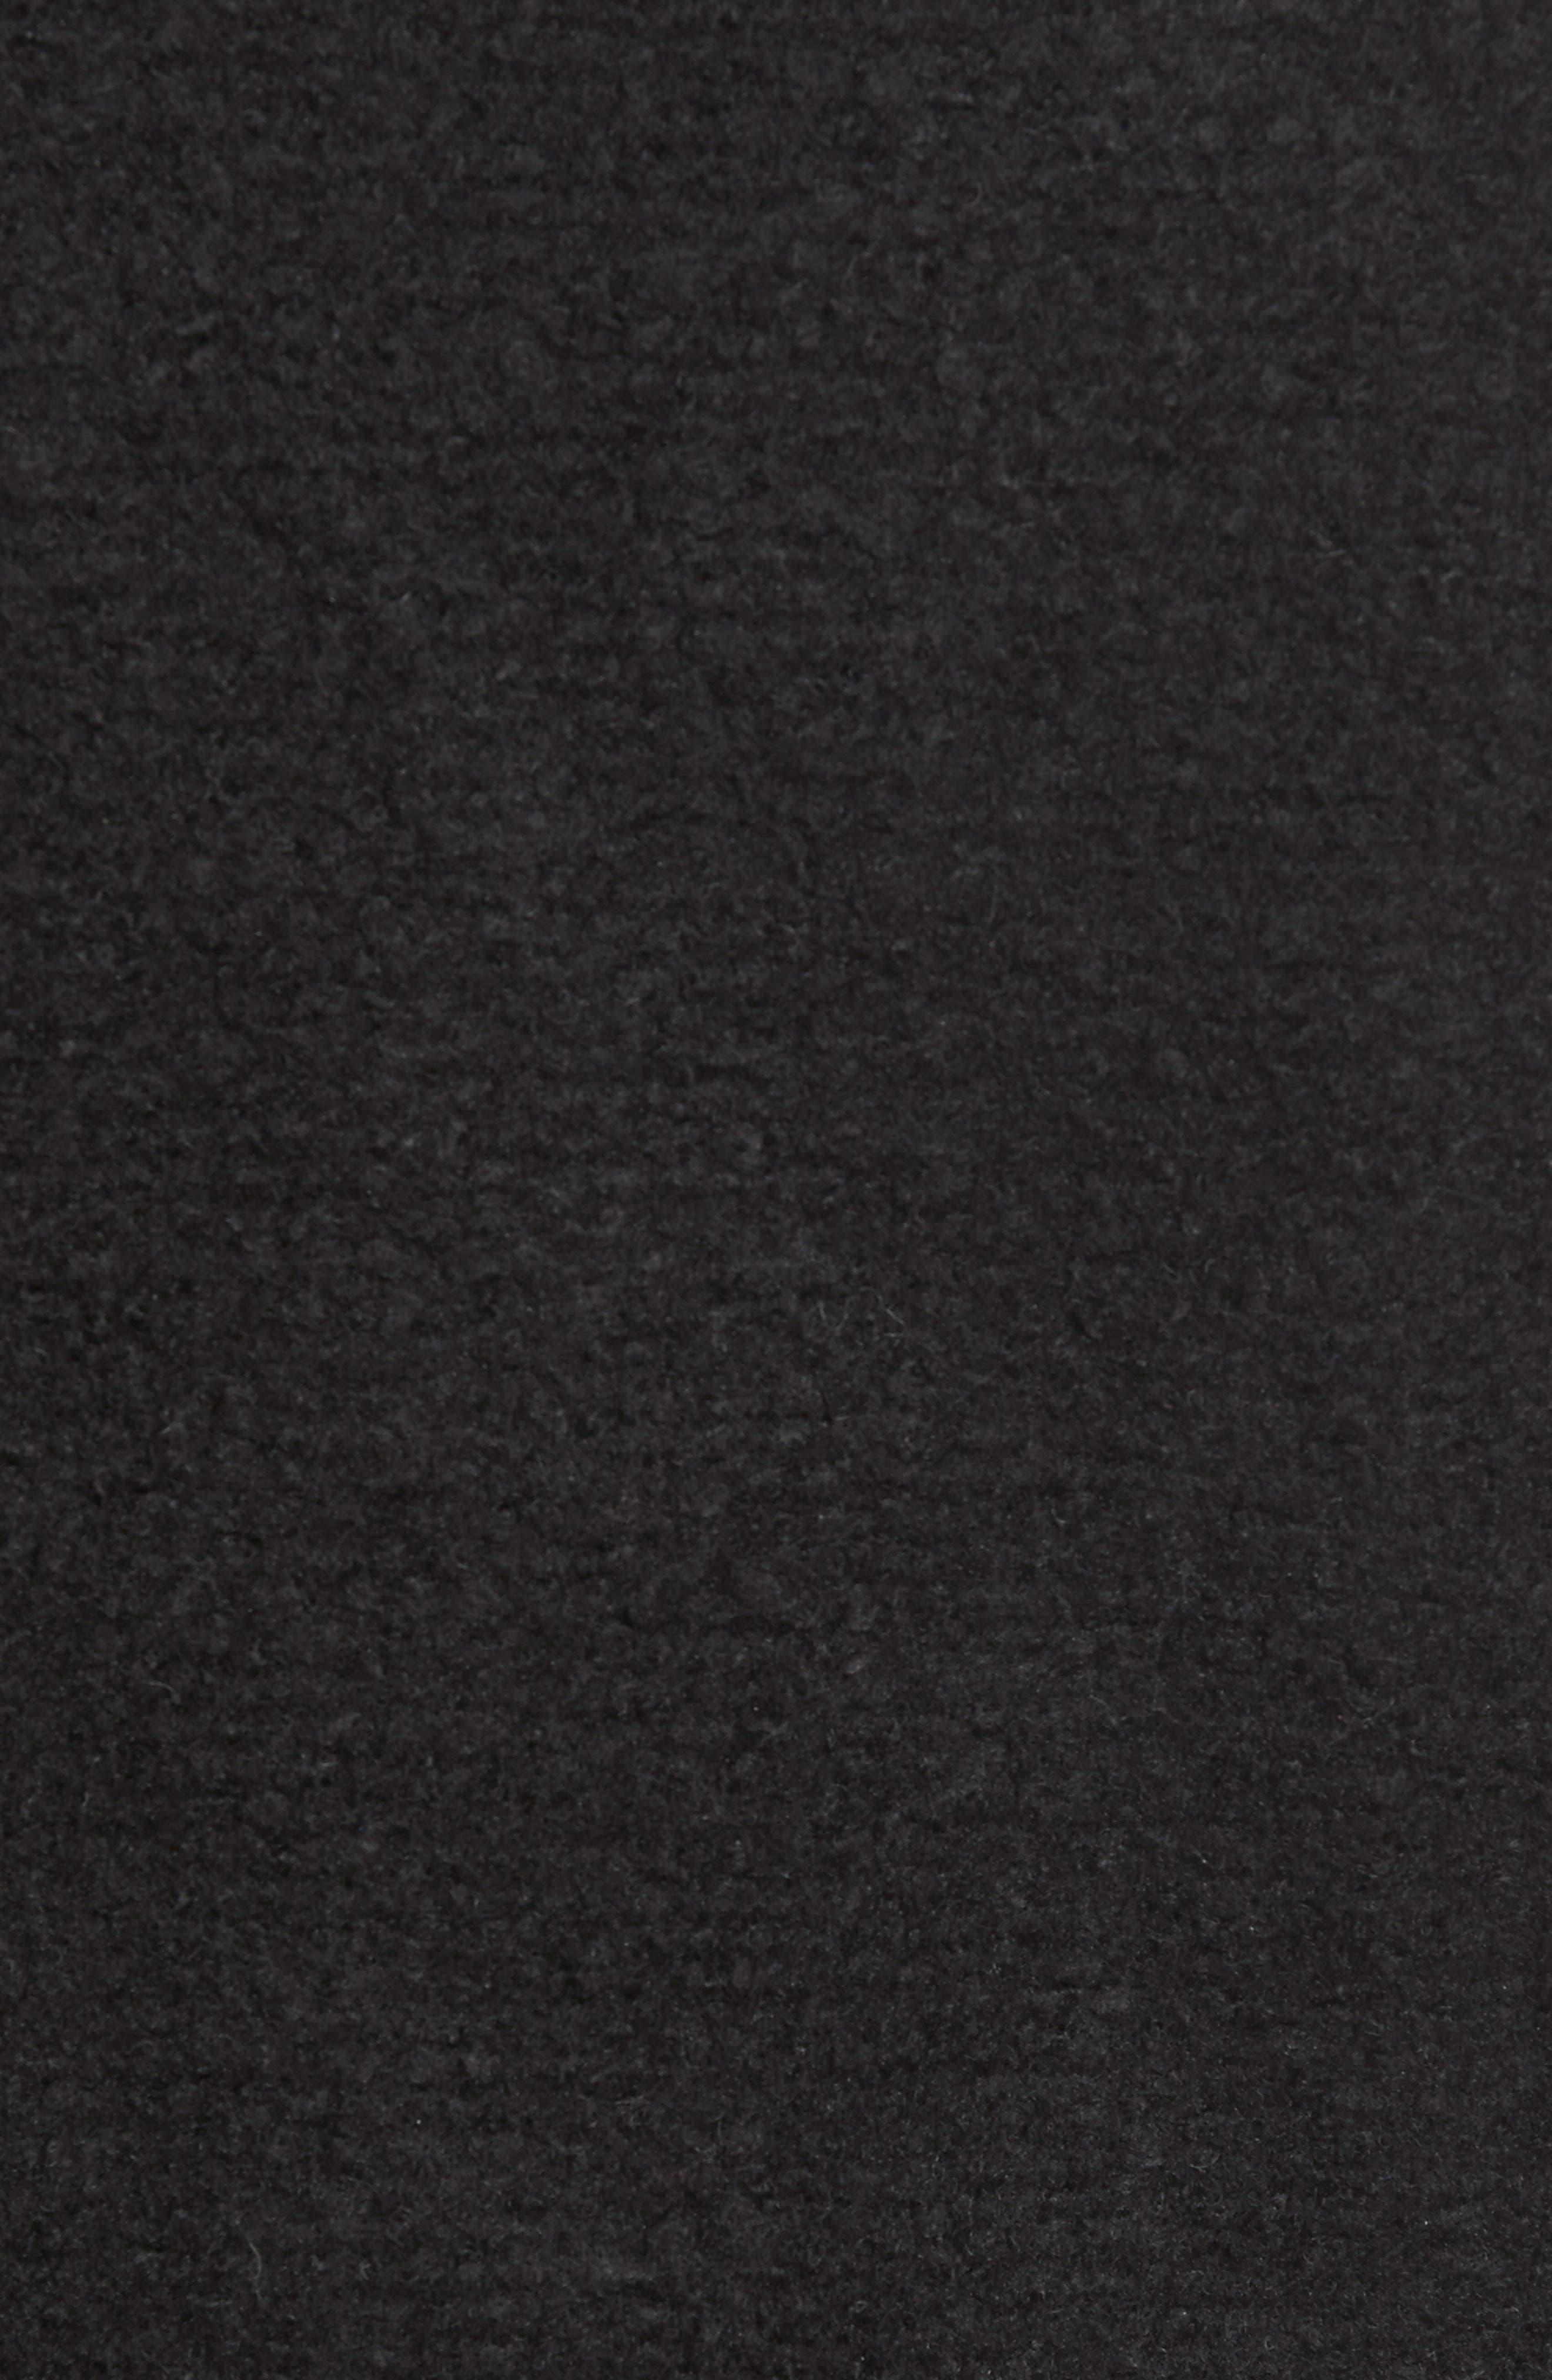 Knit Moto Jacket,                             Alternate thumbnail 7, color,                             BLACK